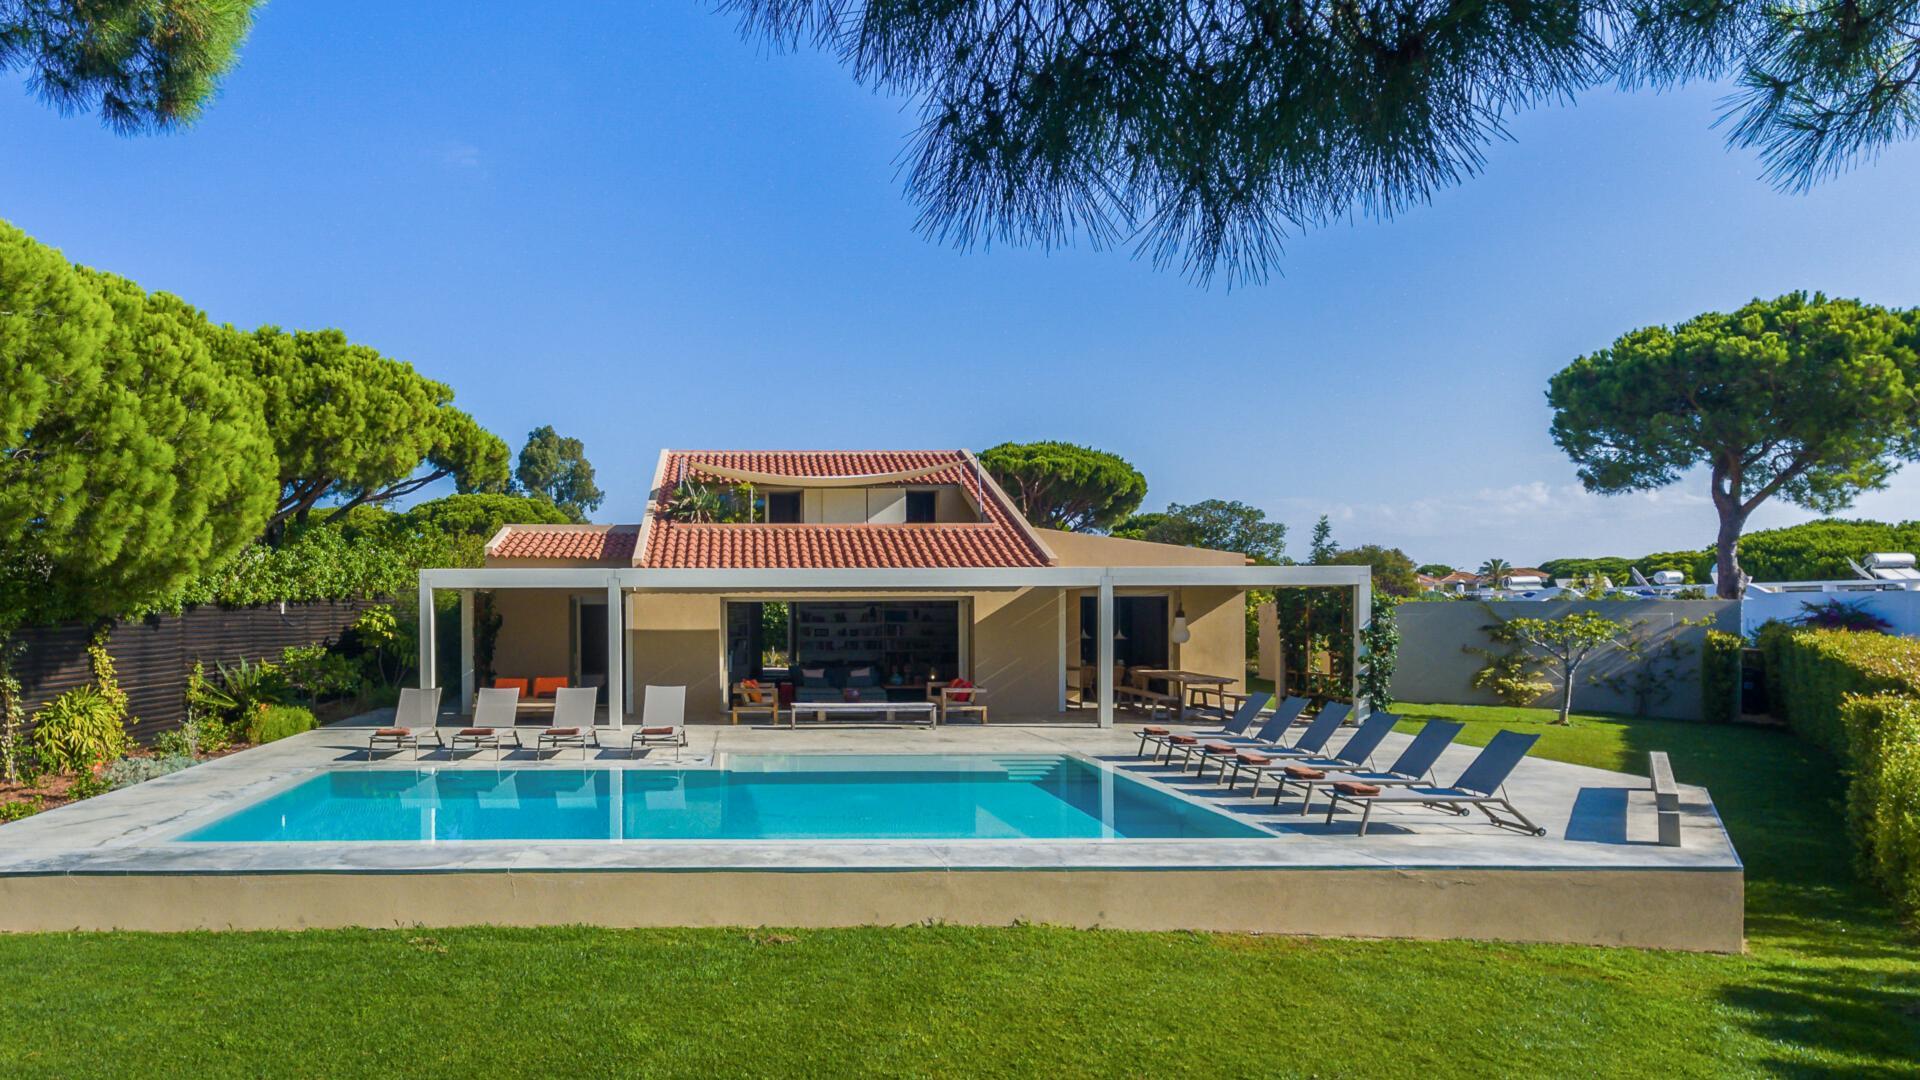 Villa Serendipity - Quadradinhos, Vale do Lobo, Algarve - 1_1.png